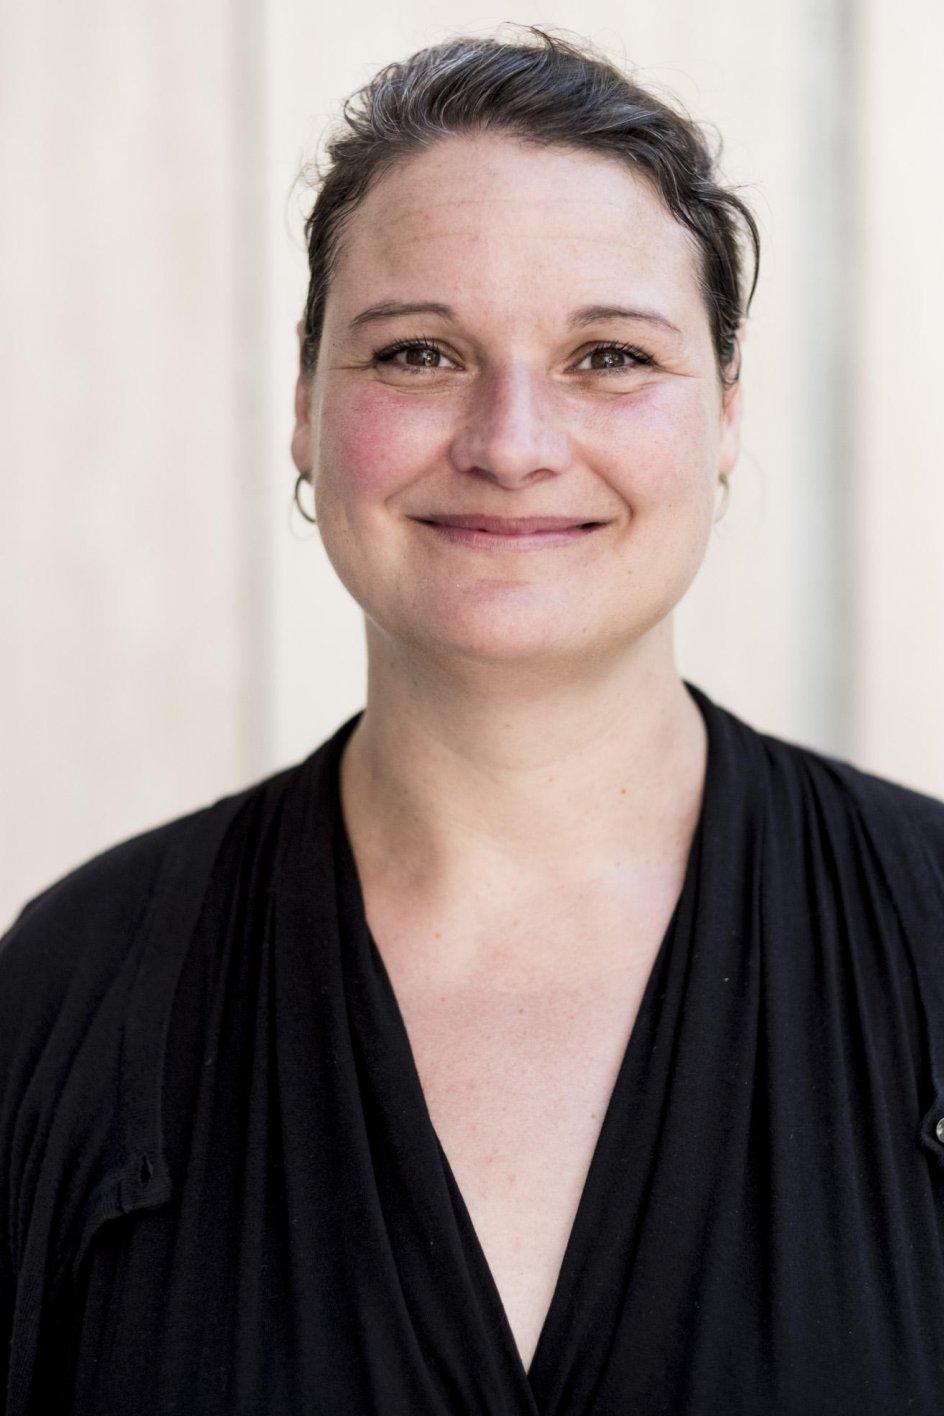 Anne Katrine de Hemmer Gudme er professor i Det Gamle Testamente ved Det Teologiske Fakultet på Oslo Universitet. – Foto: Emil Kastrup Andersen.